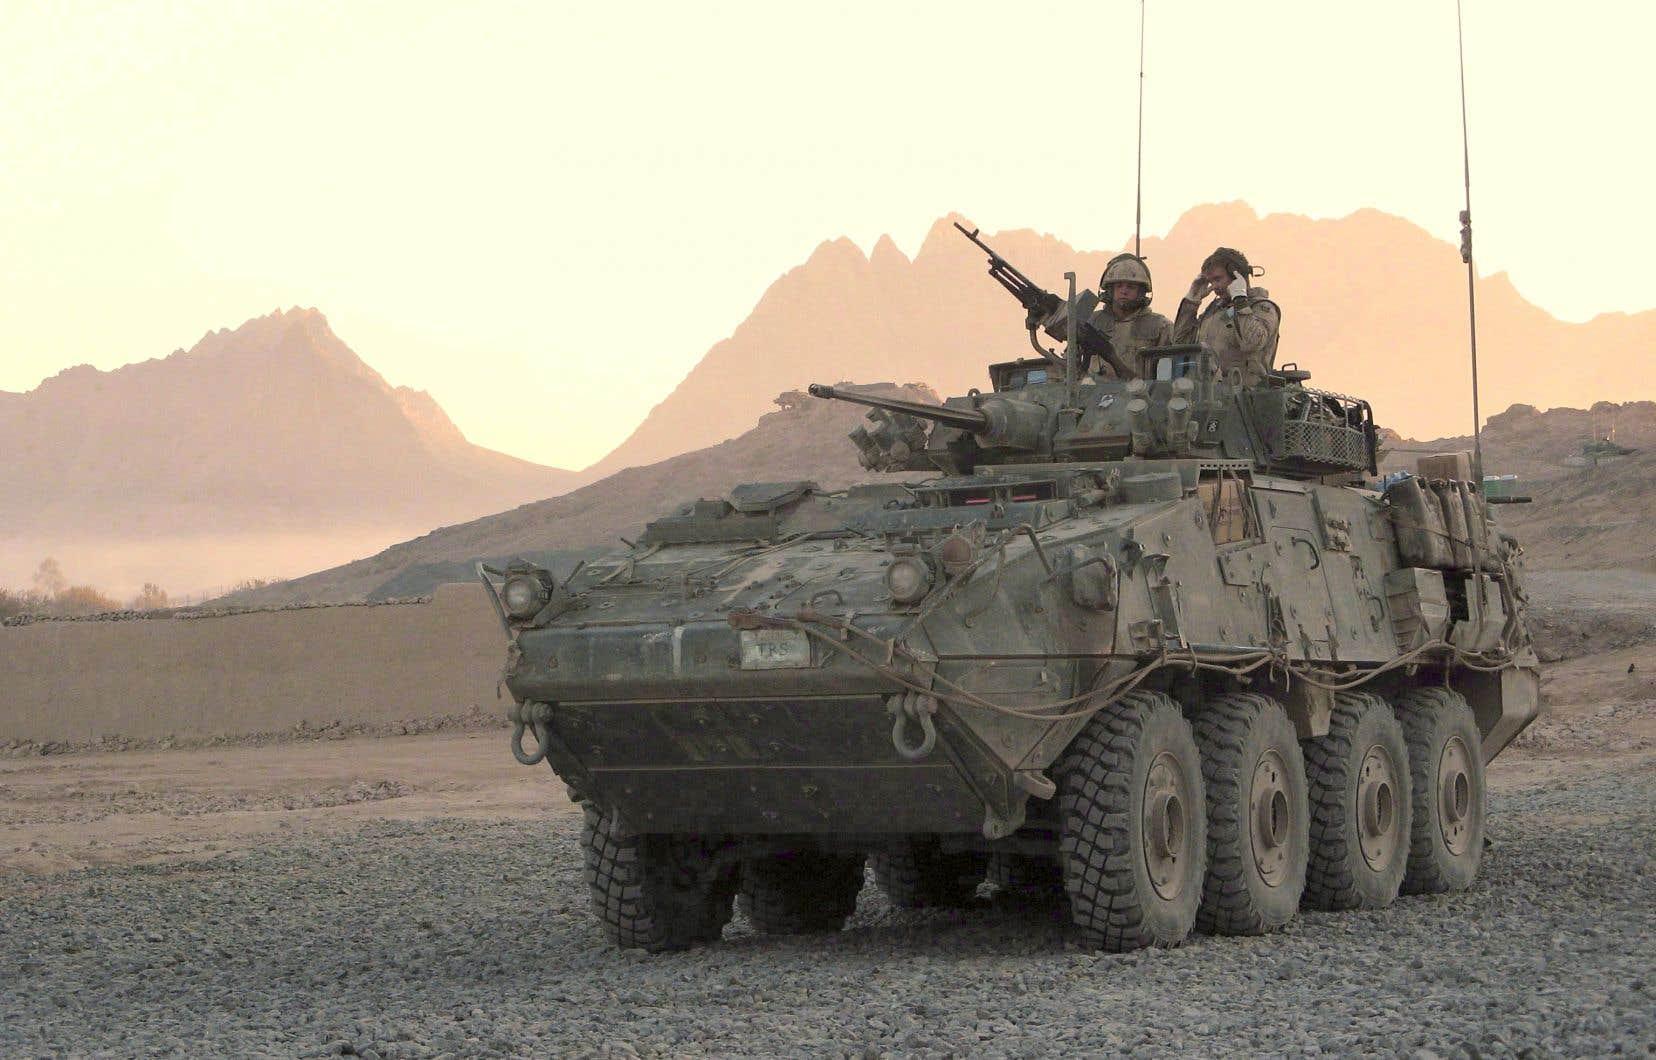 L'Arabie saoudite, à qui le Canada vend des véhicules blindés, a enfreint le droit international au Yémen, selon un nouveau rapport de l'ONU publié en août dernier.